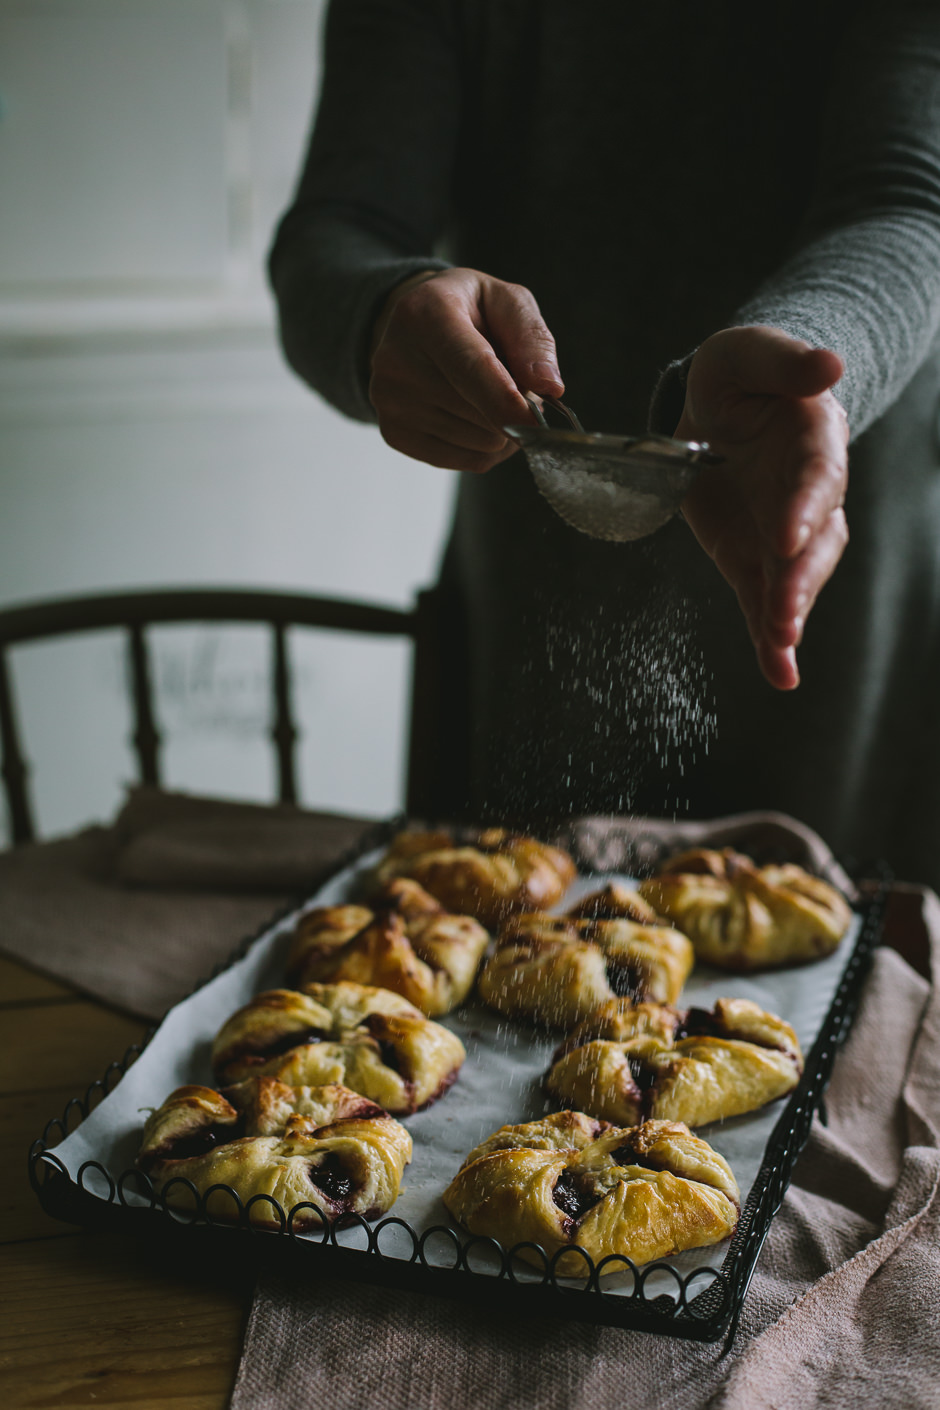 lekváros táska az Emlékek Íze konyhájából/jam pastries from the Taste of Memories Hungarian country kitchen www.tasteofmemories.com